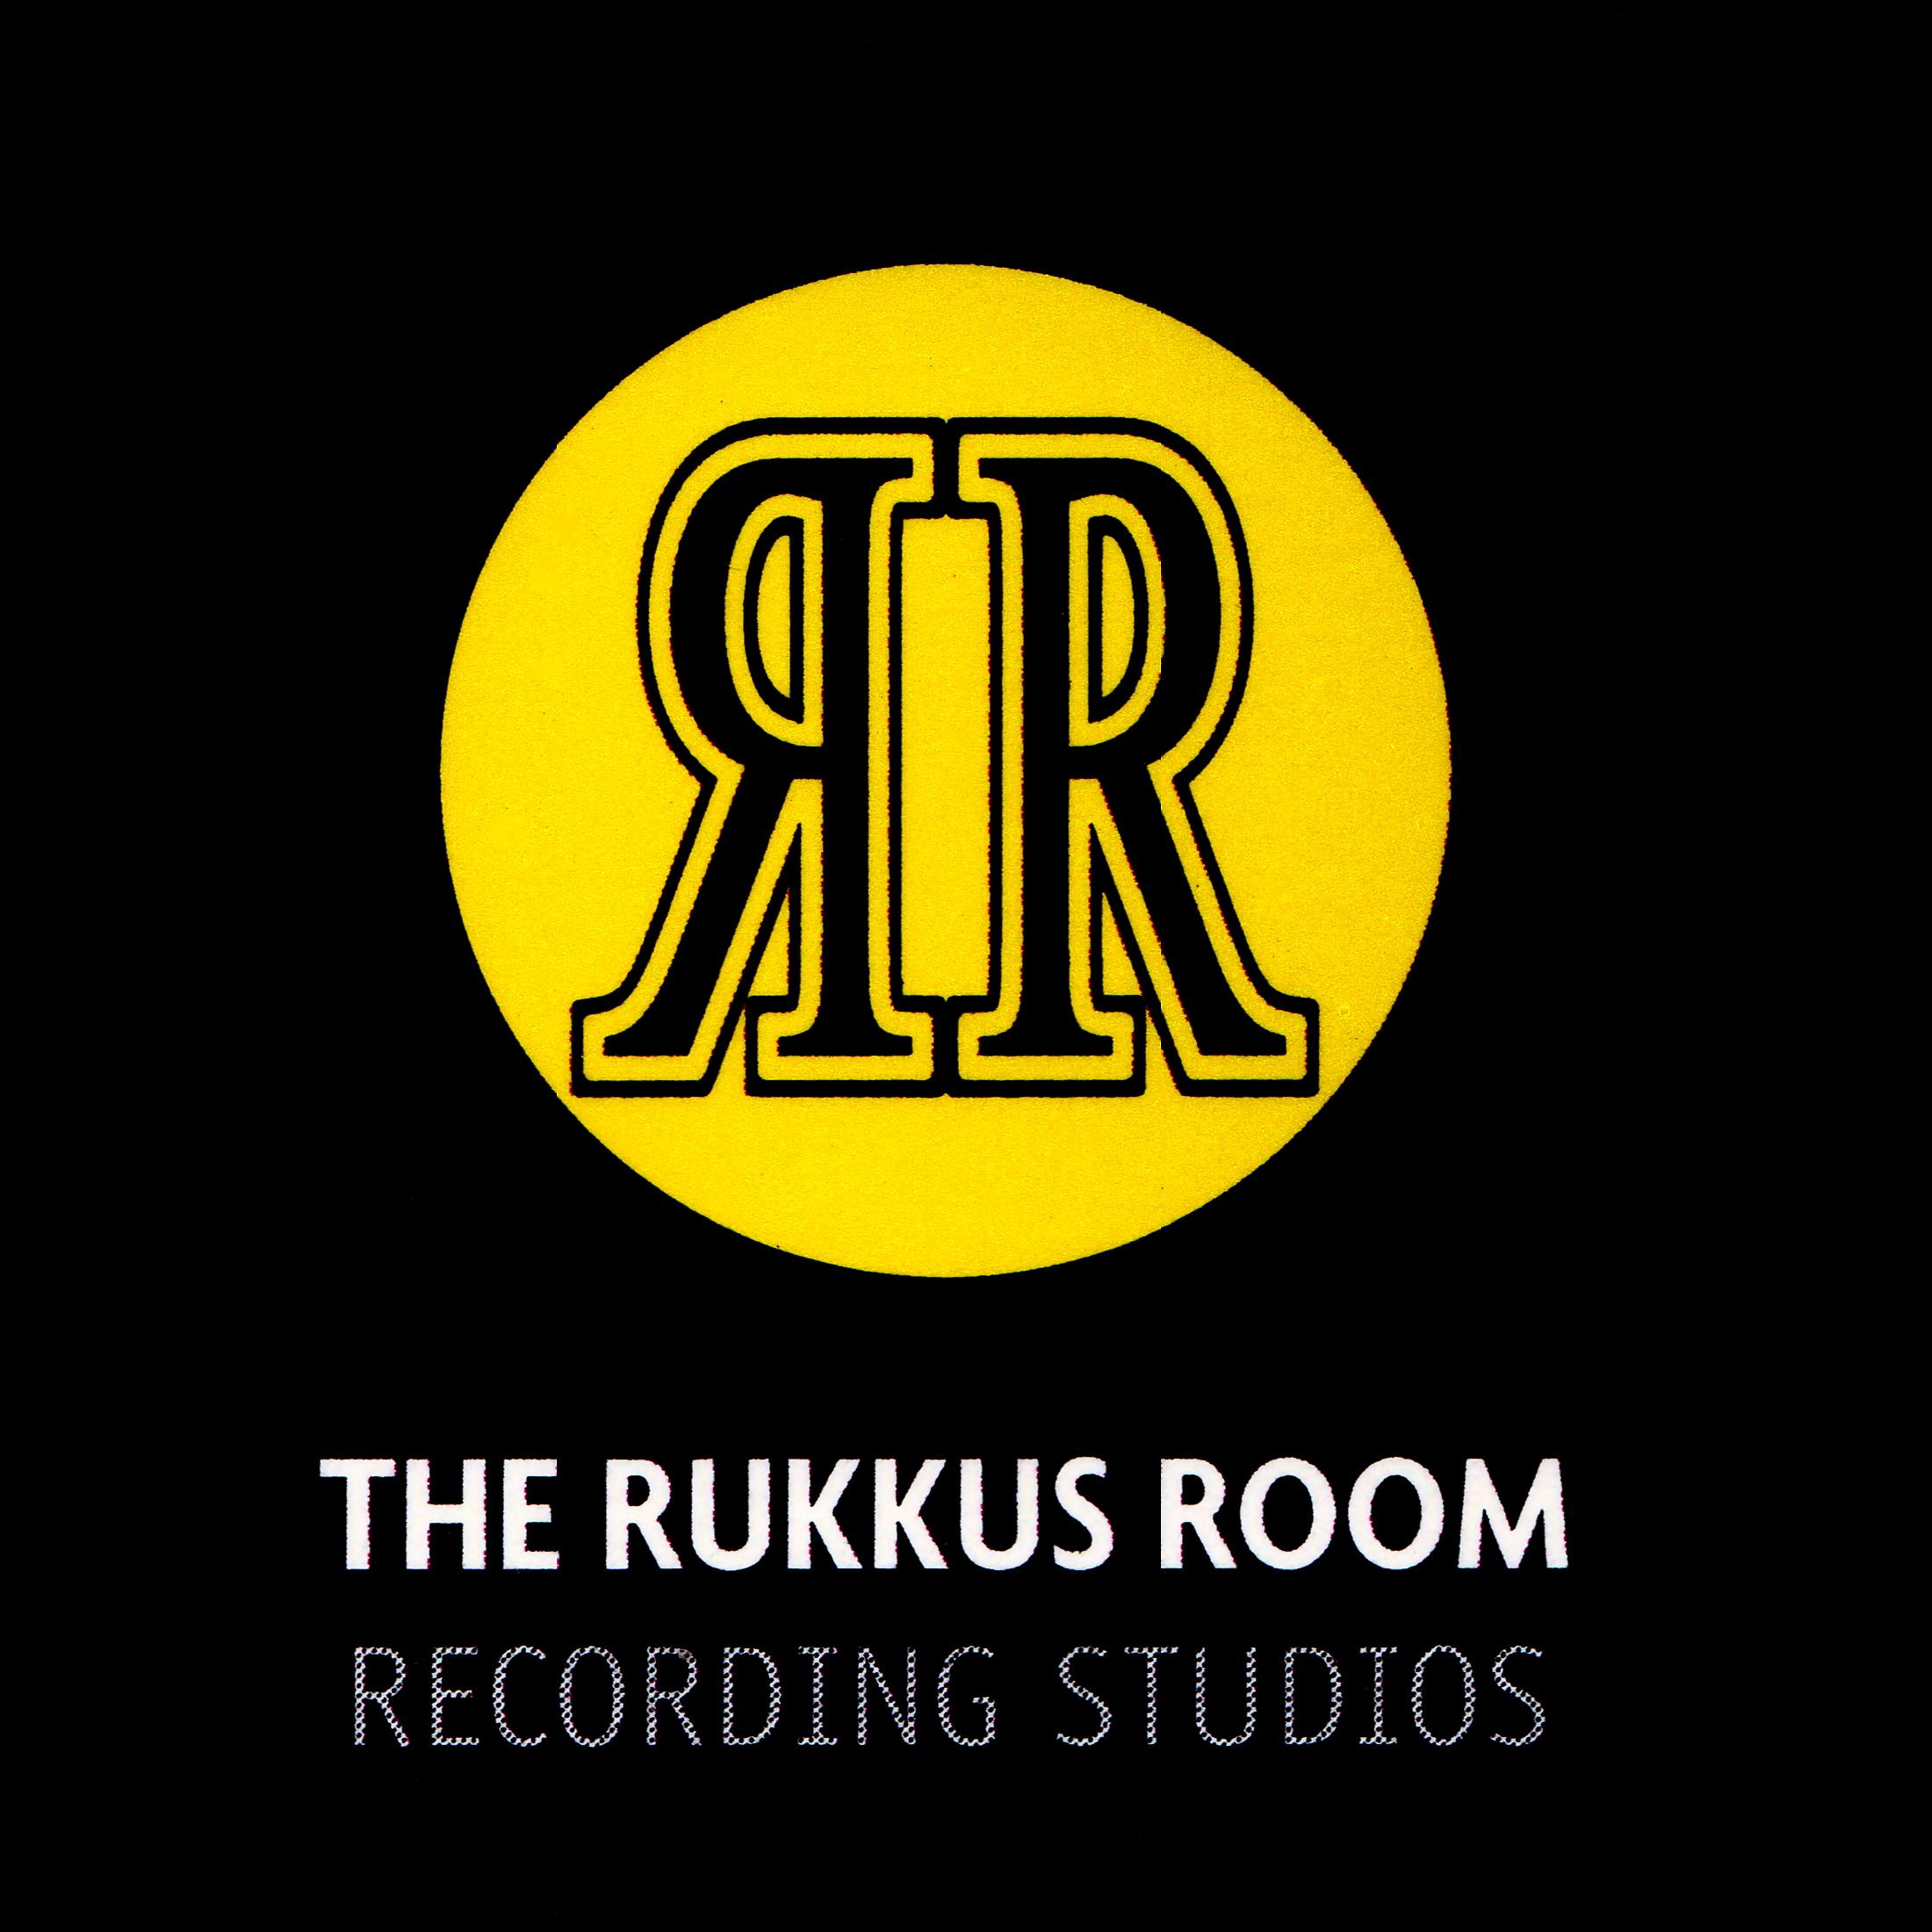 The Rukkus Room